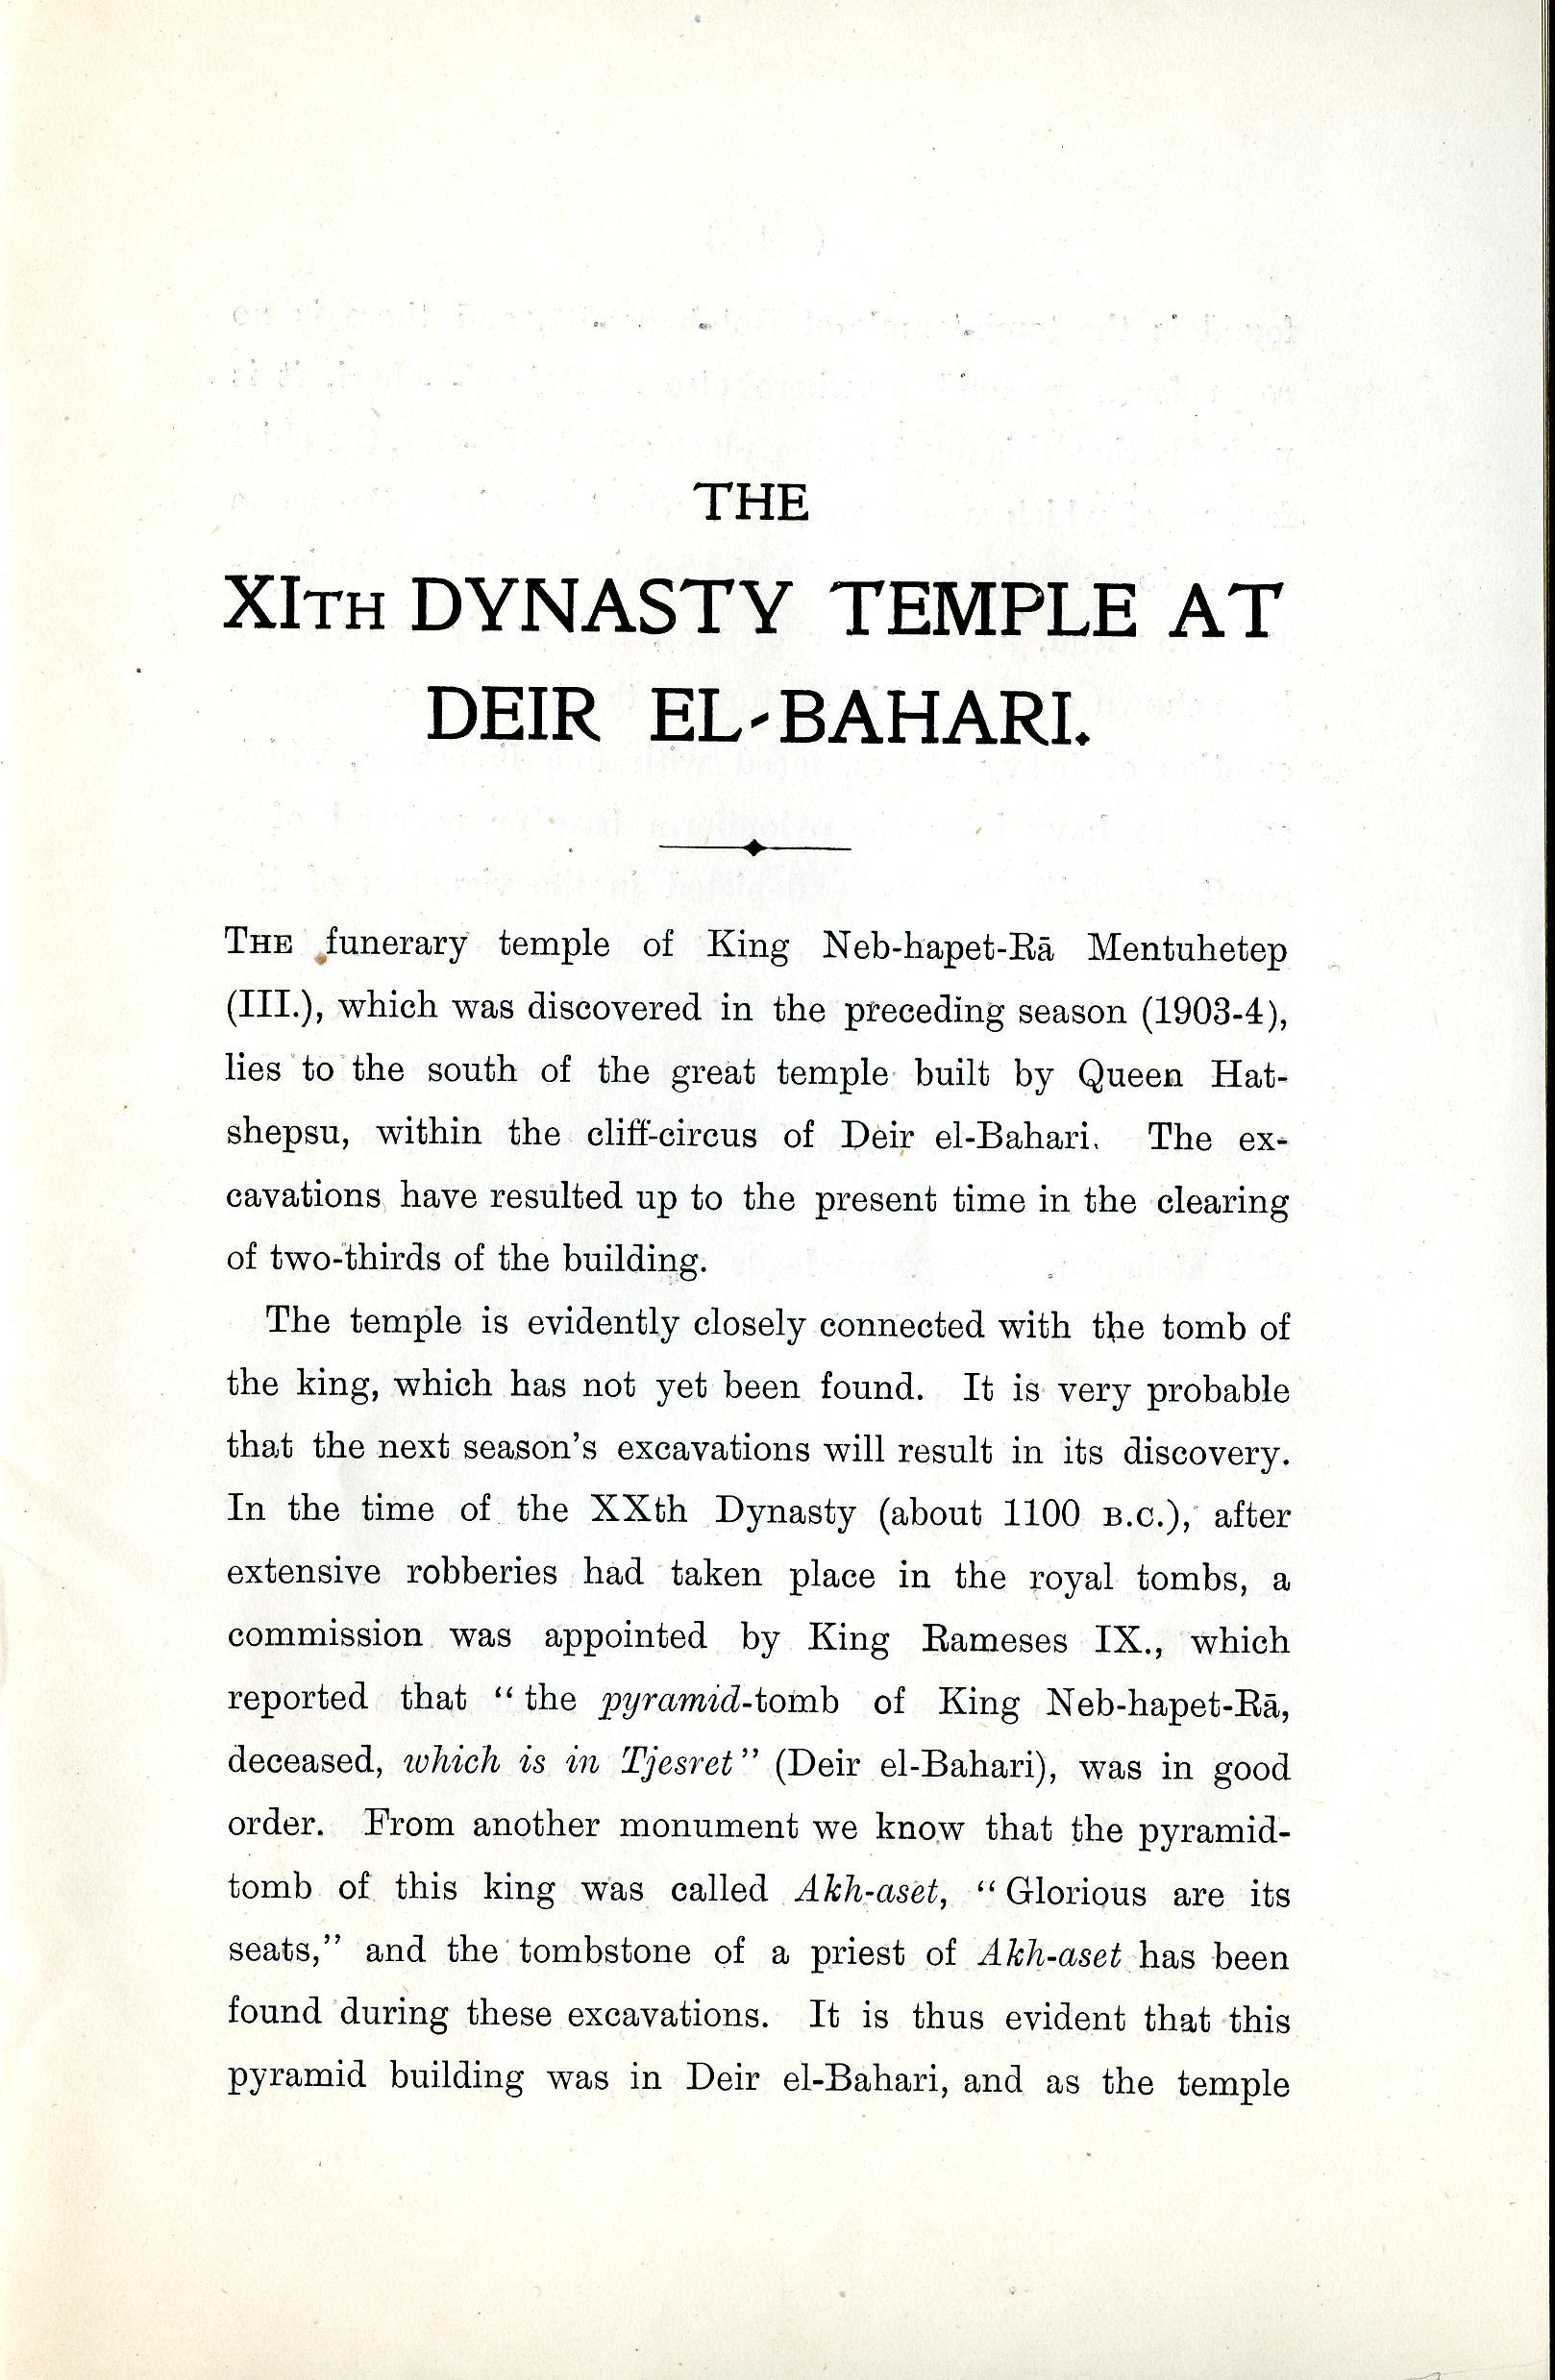 1904-05 Deir el-Bahri, Sinai, Oxyrhynchus DIST.24.04c